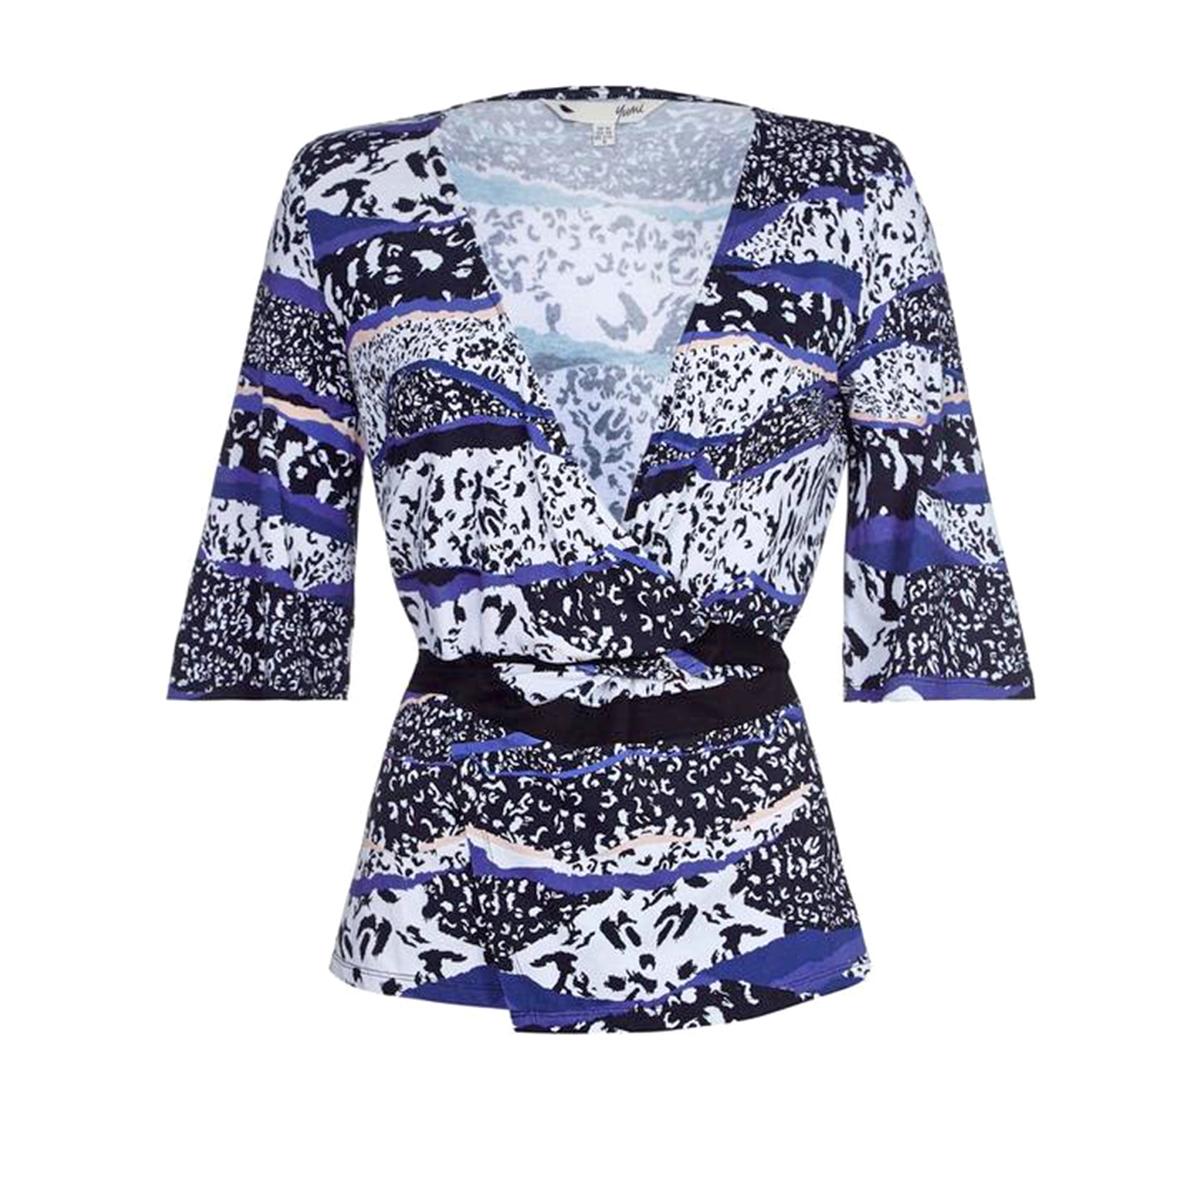 Блузка перекрестного покроя с принтом, рукава 3/4Материал : 95% вискозы, 5% эластана   Длина рукава : Рукава 3/4 Форма воротника : V-образный вырез Длина блузки : стандартная  Рисунок : принт<br><br>Цвет: рисунок темно-синий